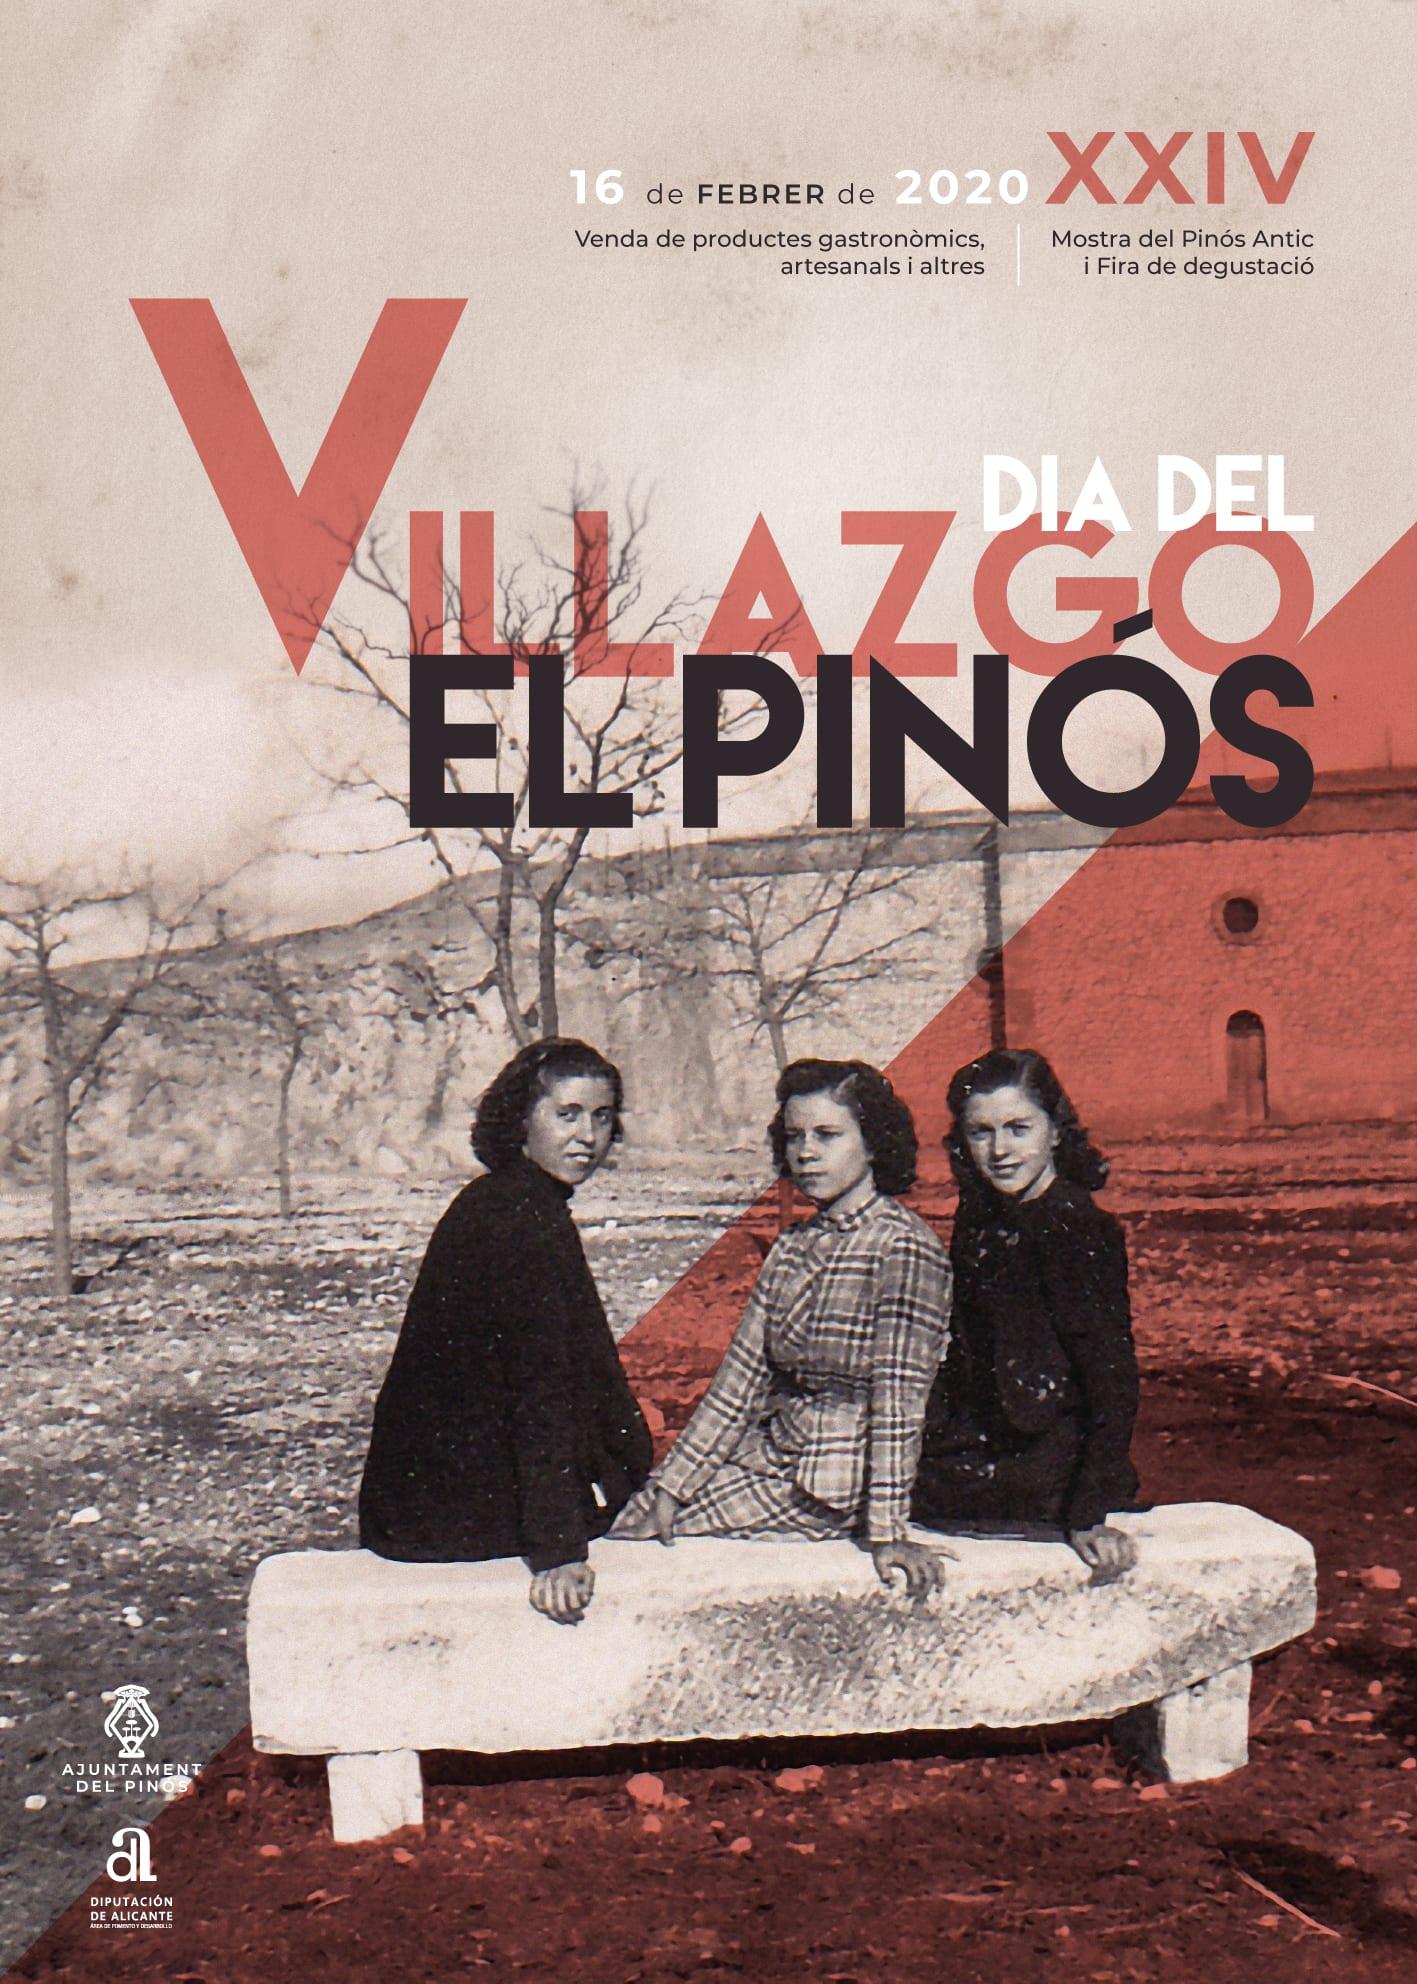 Festividad del Villazgo de Pinoso